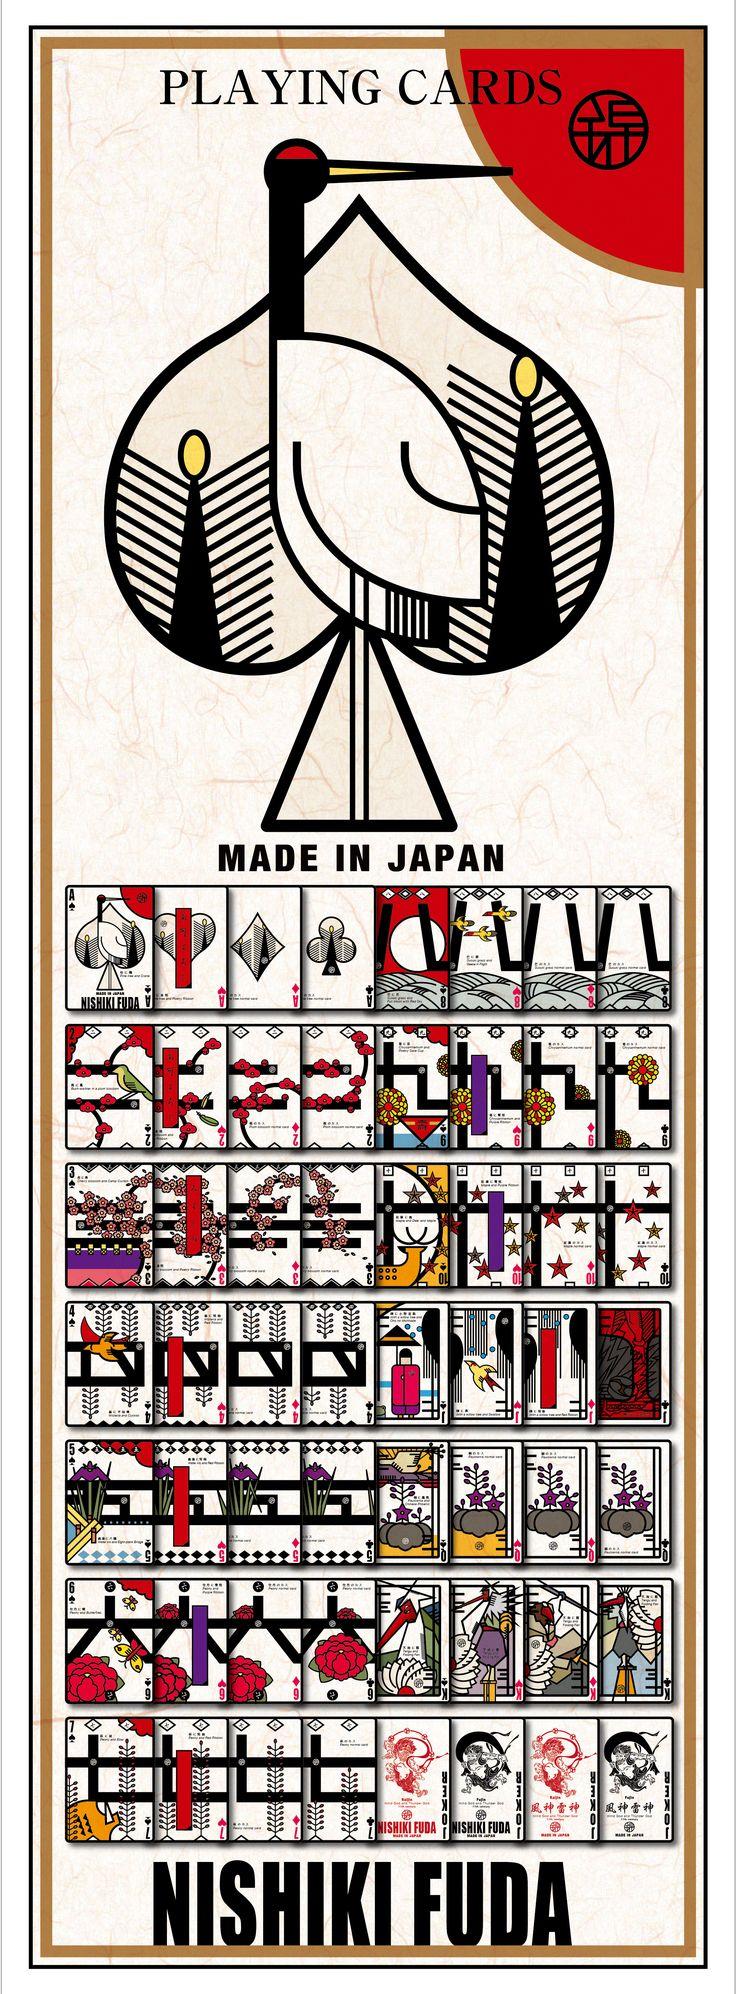 「 錦花札トランプ」 花札をモチーフに株札要素も取り入れたポーカーサイズのトランプ。 6月23日にオープンする銀座ロフト店にてデビューです。